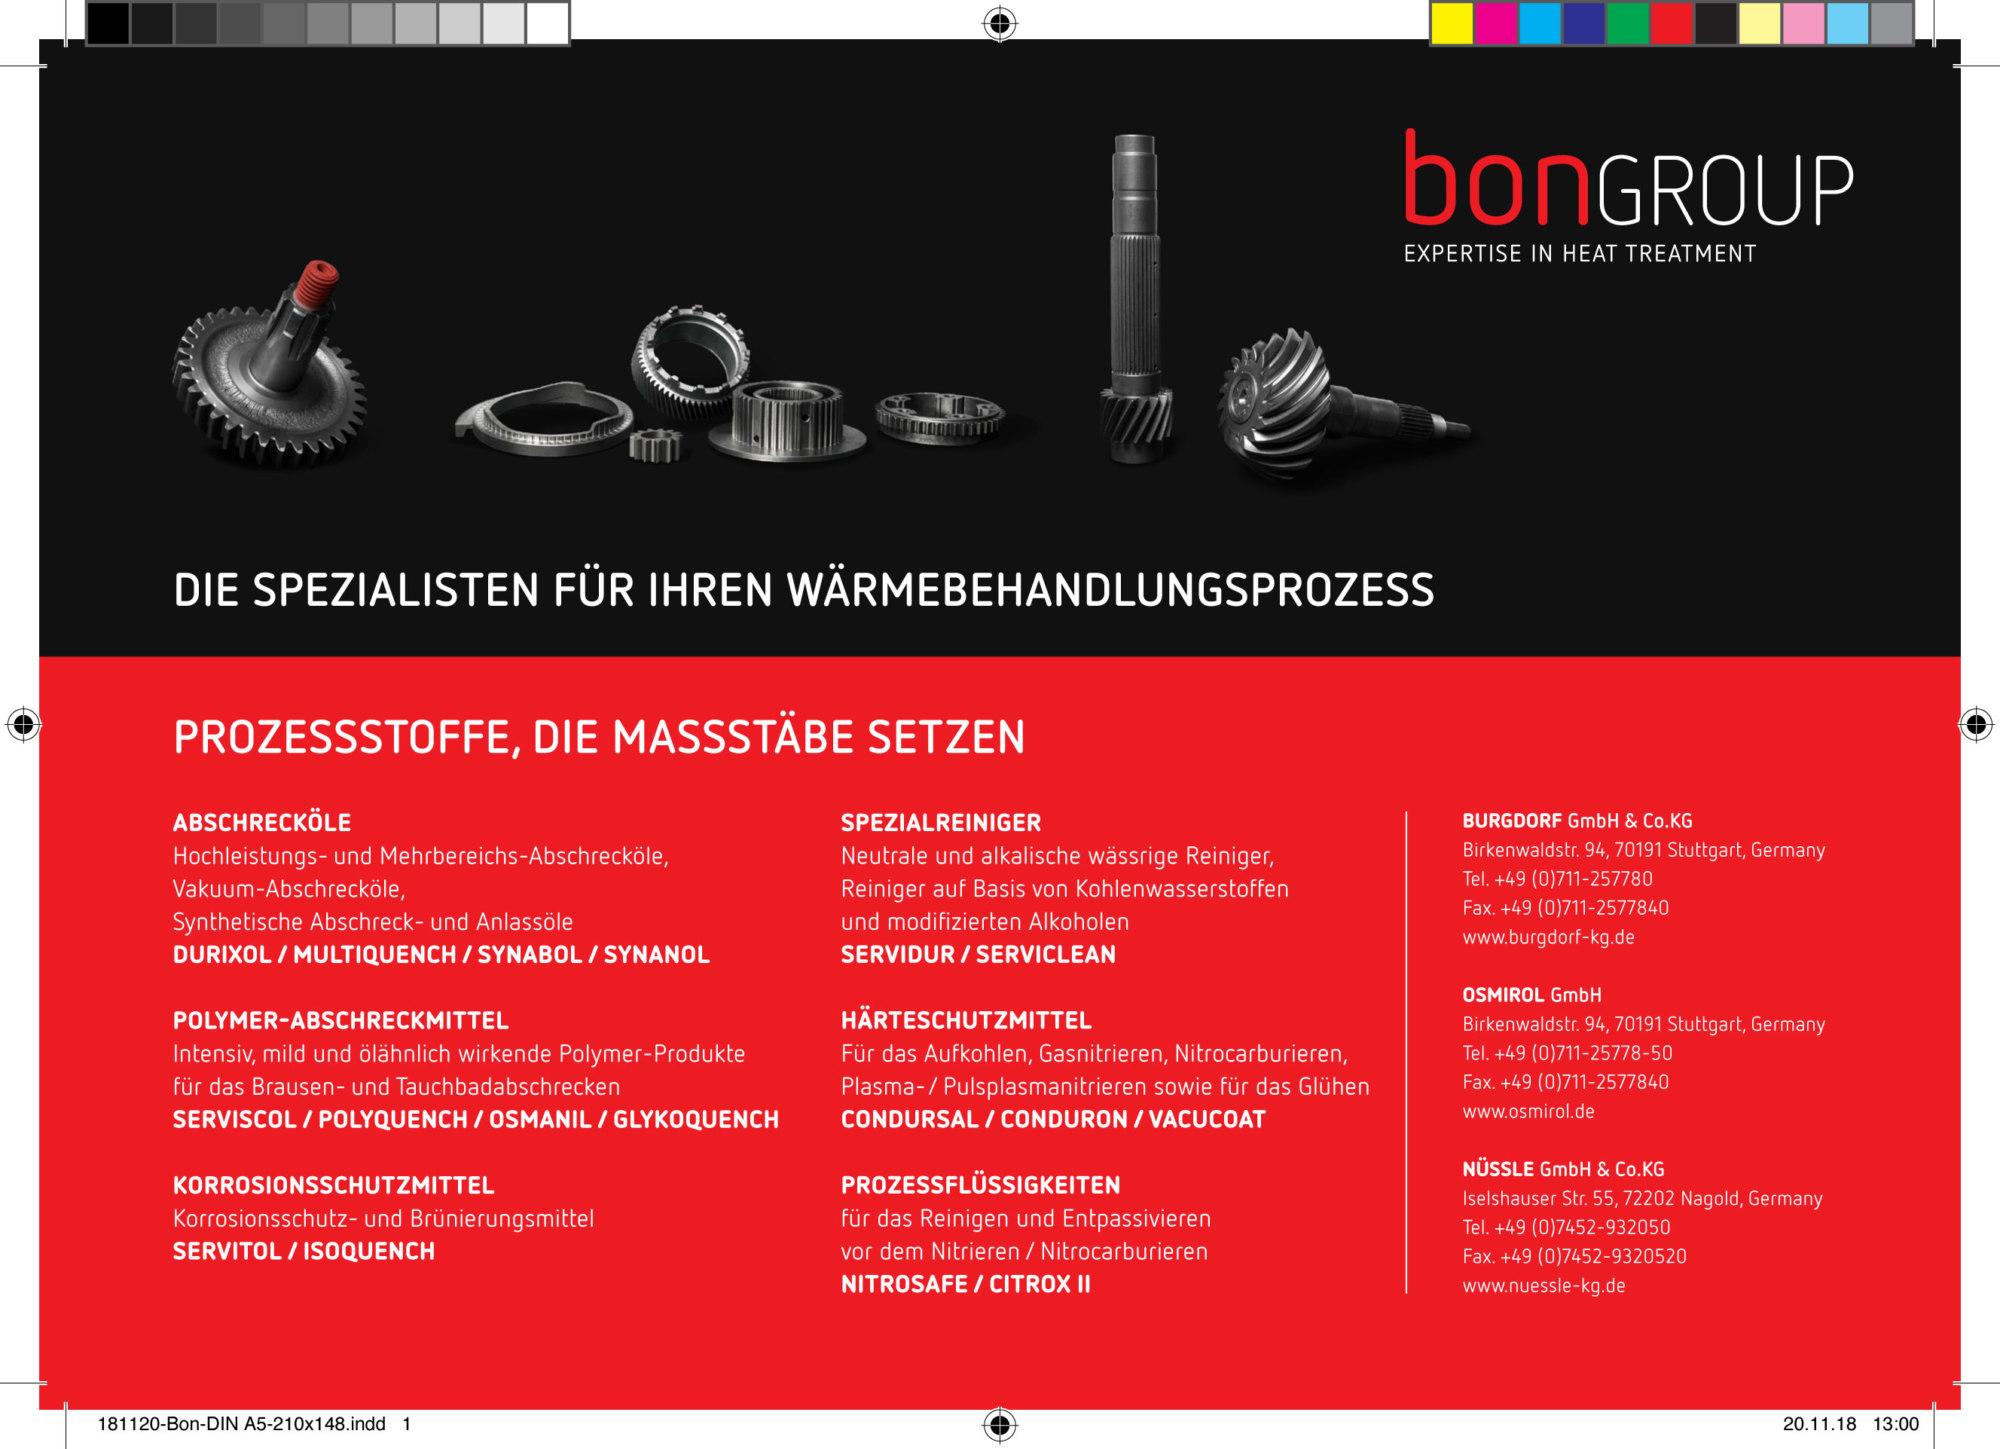 Inserat/Anzeige Burgdorf